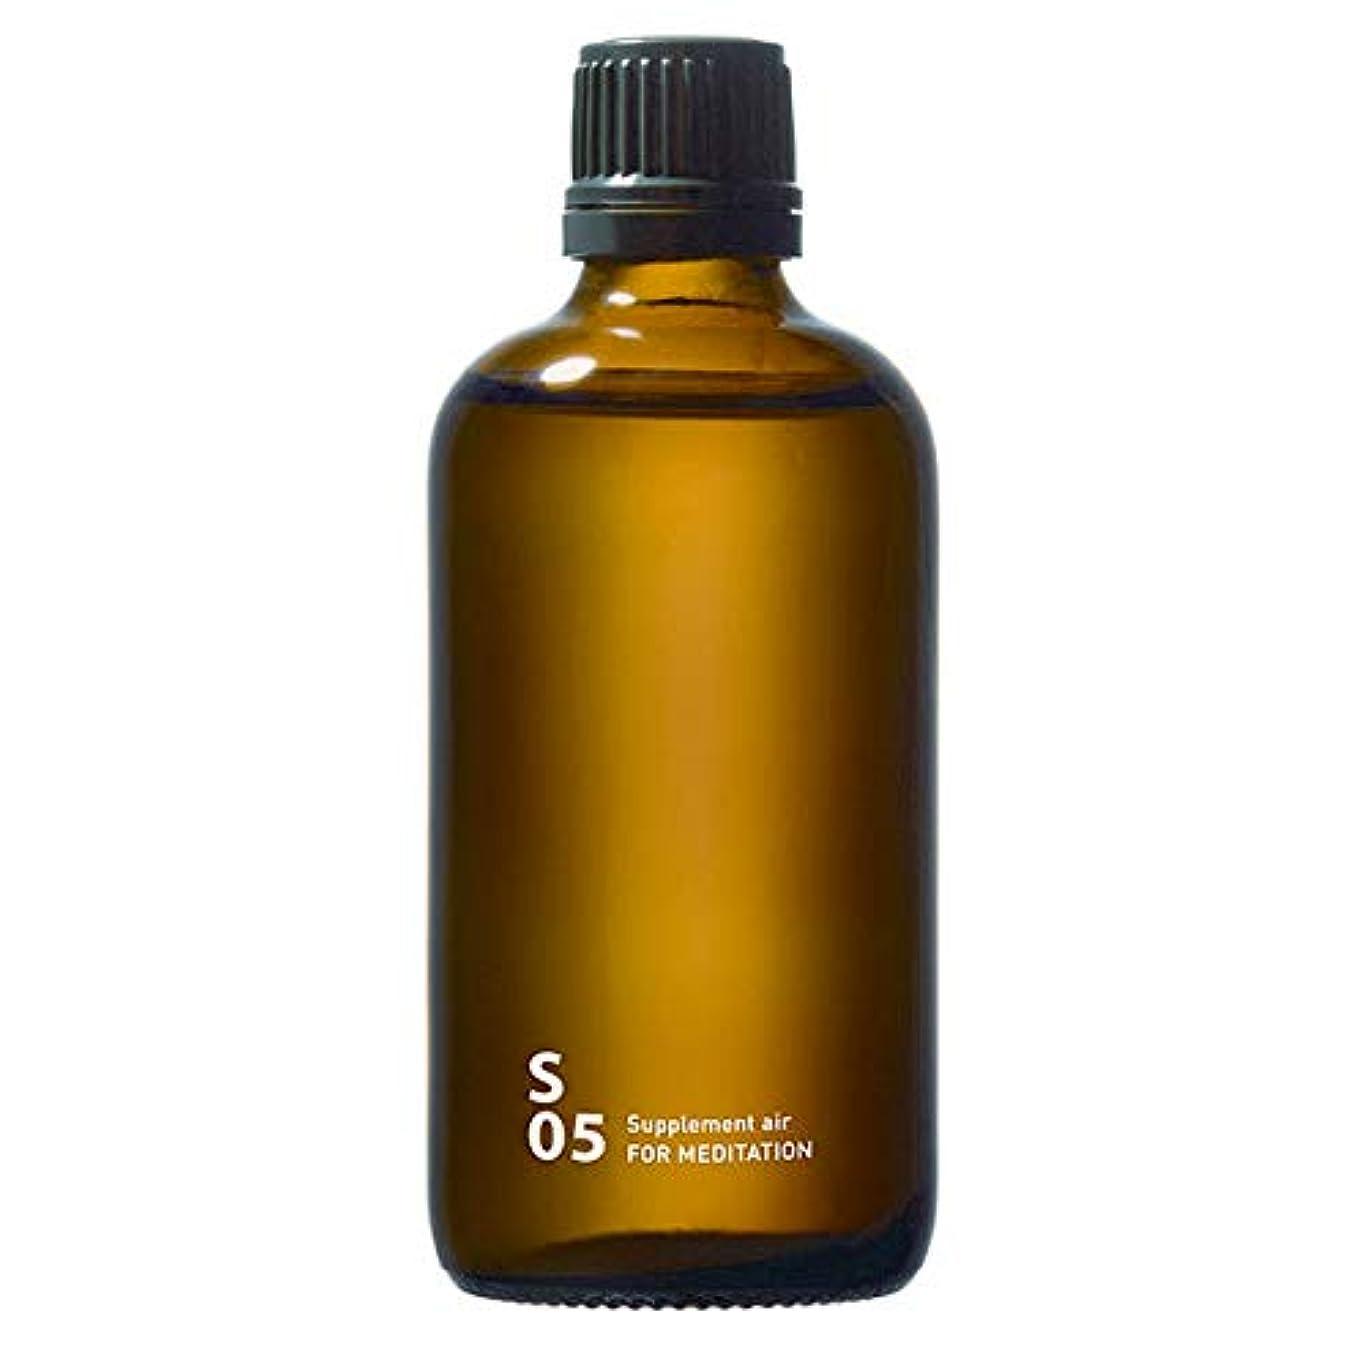 薄汚い怒るラベルS05 FOR MEDITATION piezo aroma oil 100ml